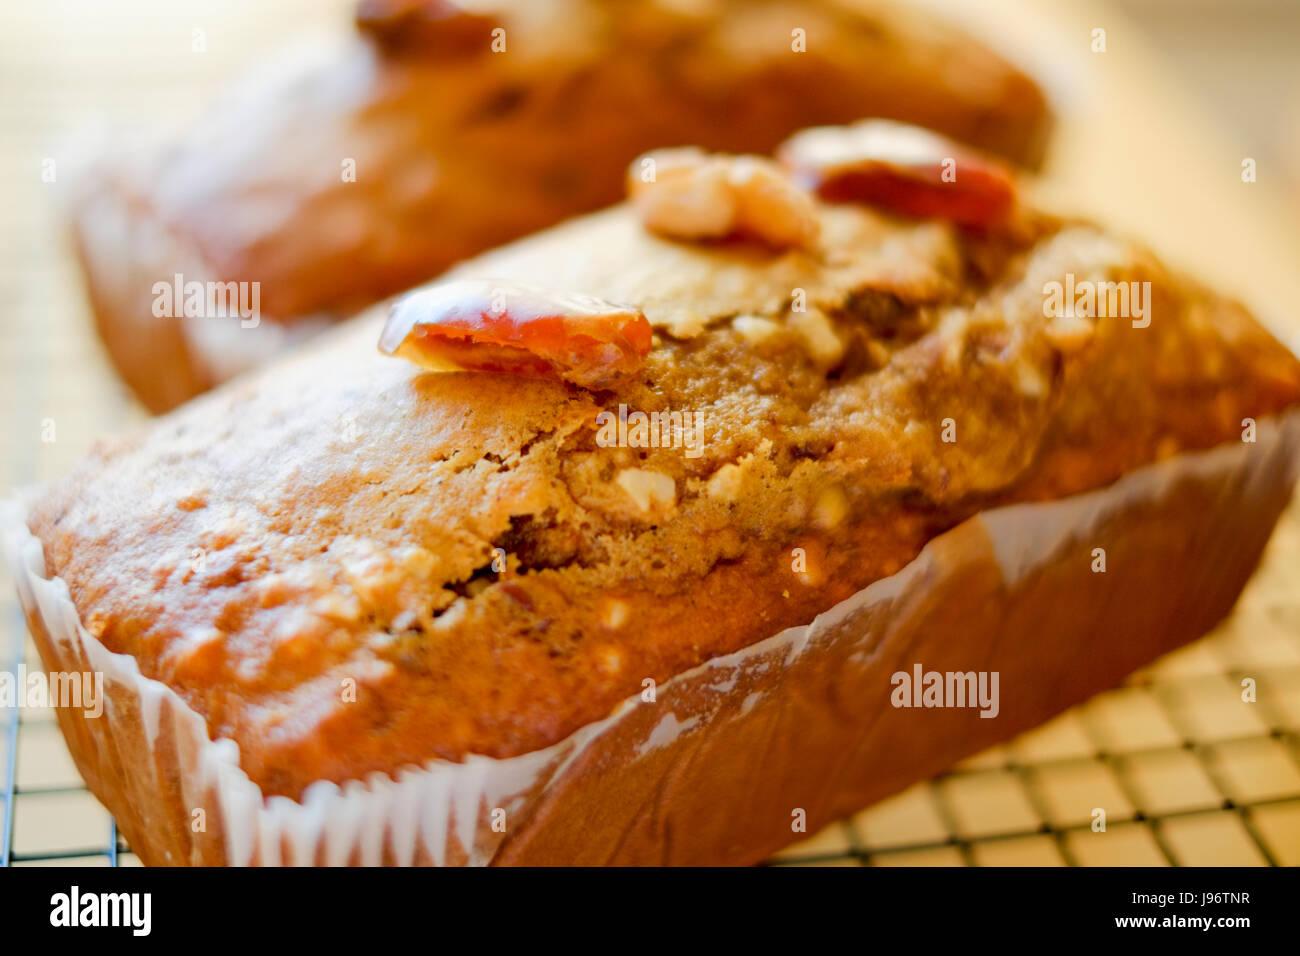 Hausgemachte Speisen. Zwei Datum und Walnuss Kuchen auf ein Kuchengitter. Stockbild